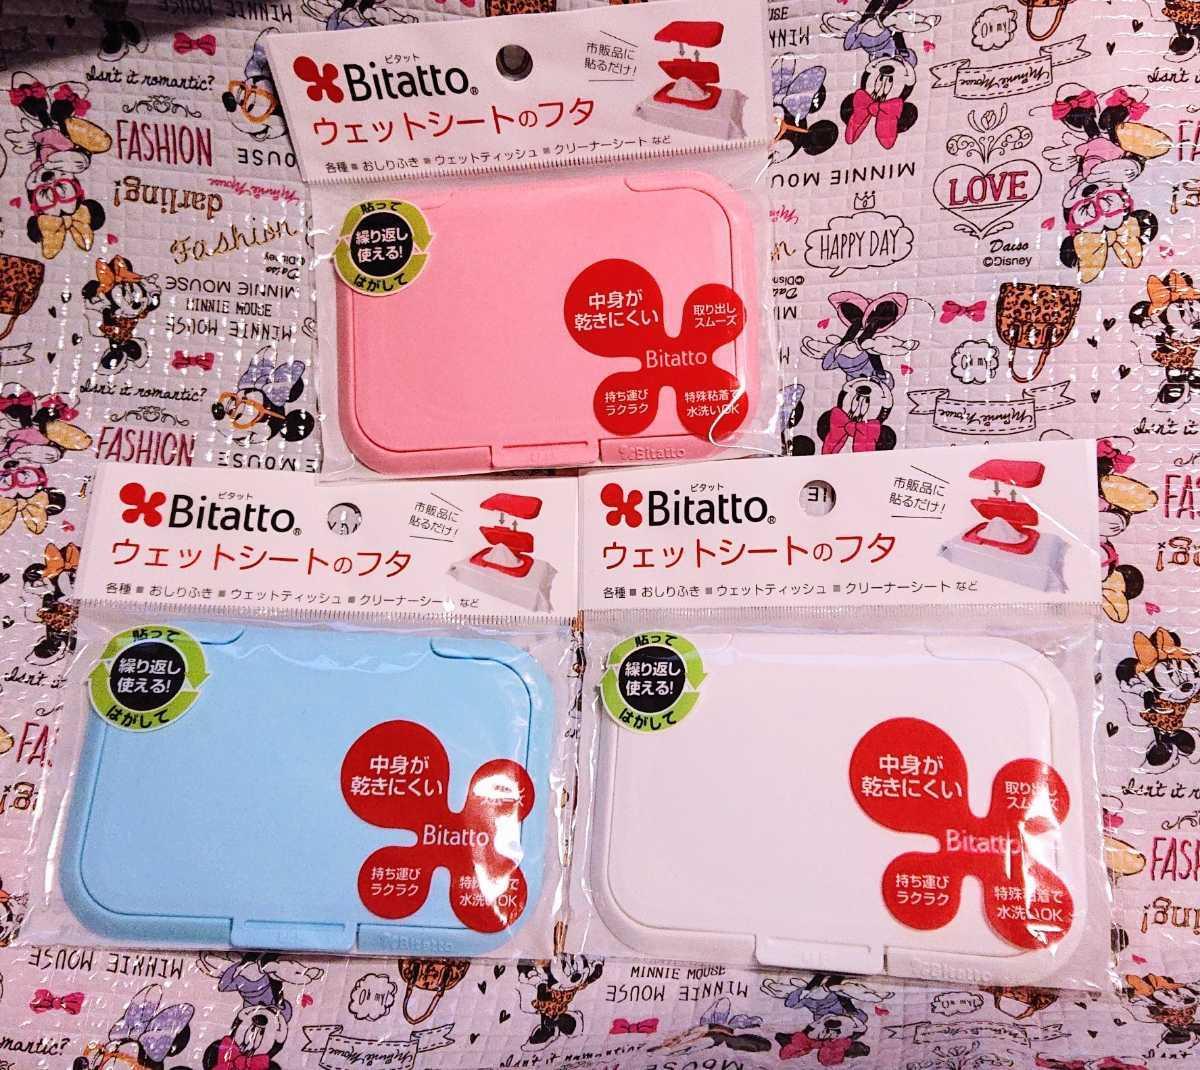 ビタット Bitatto(ピンク・ホワイト・ブルー)レギュラーサイズ3色セット新品 ウエットシートのフタ/ウエットティッシュ/おしり拭き_画像1